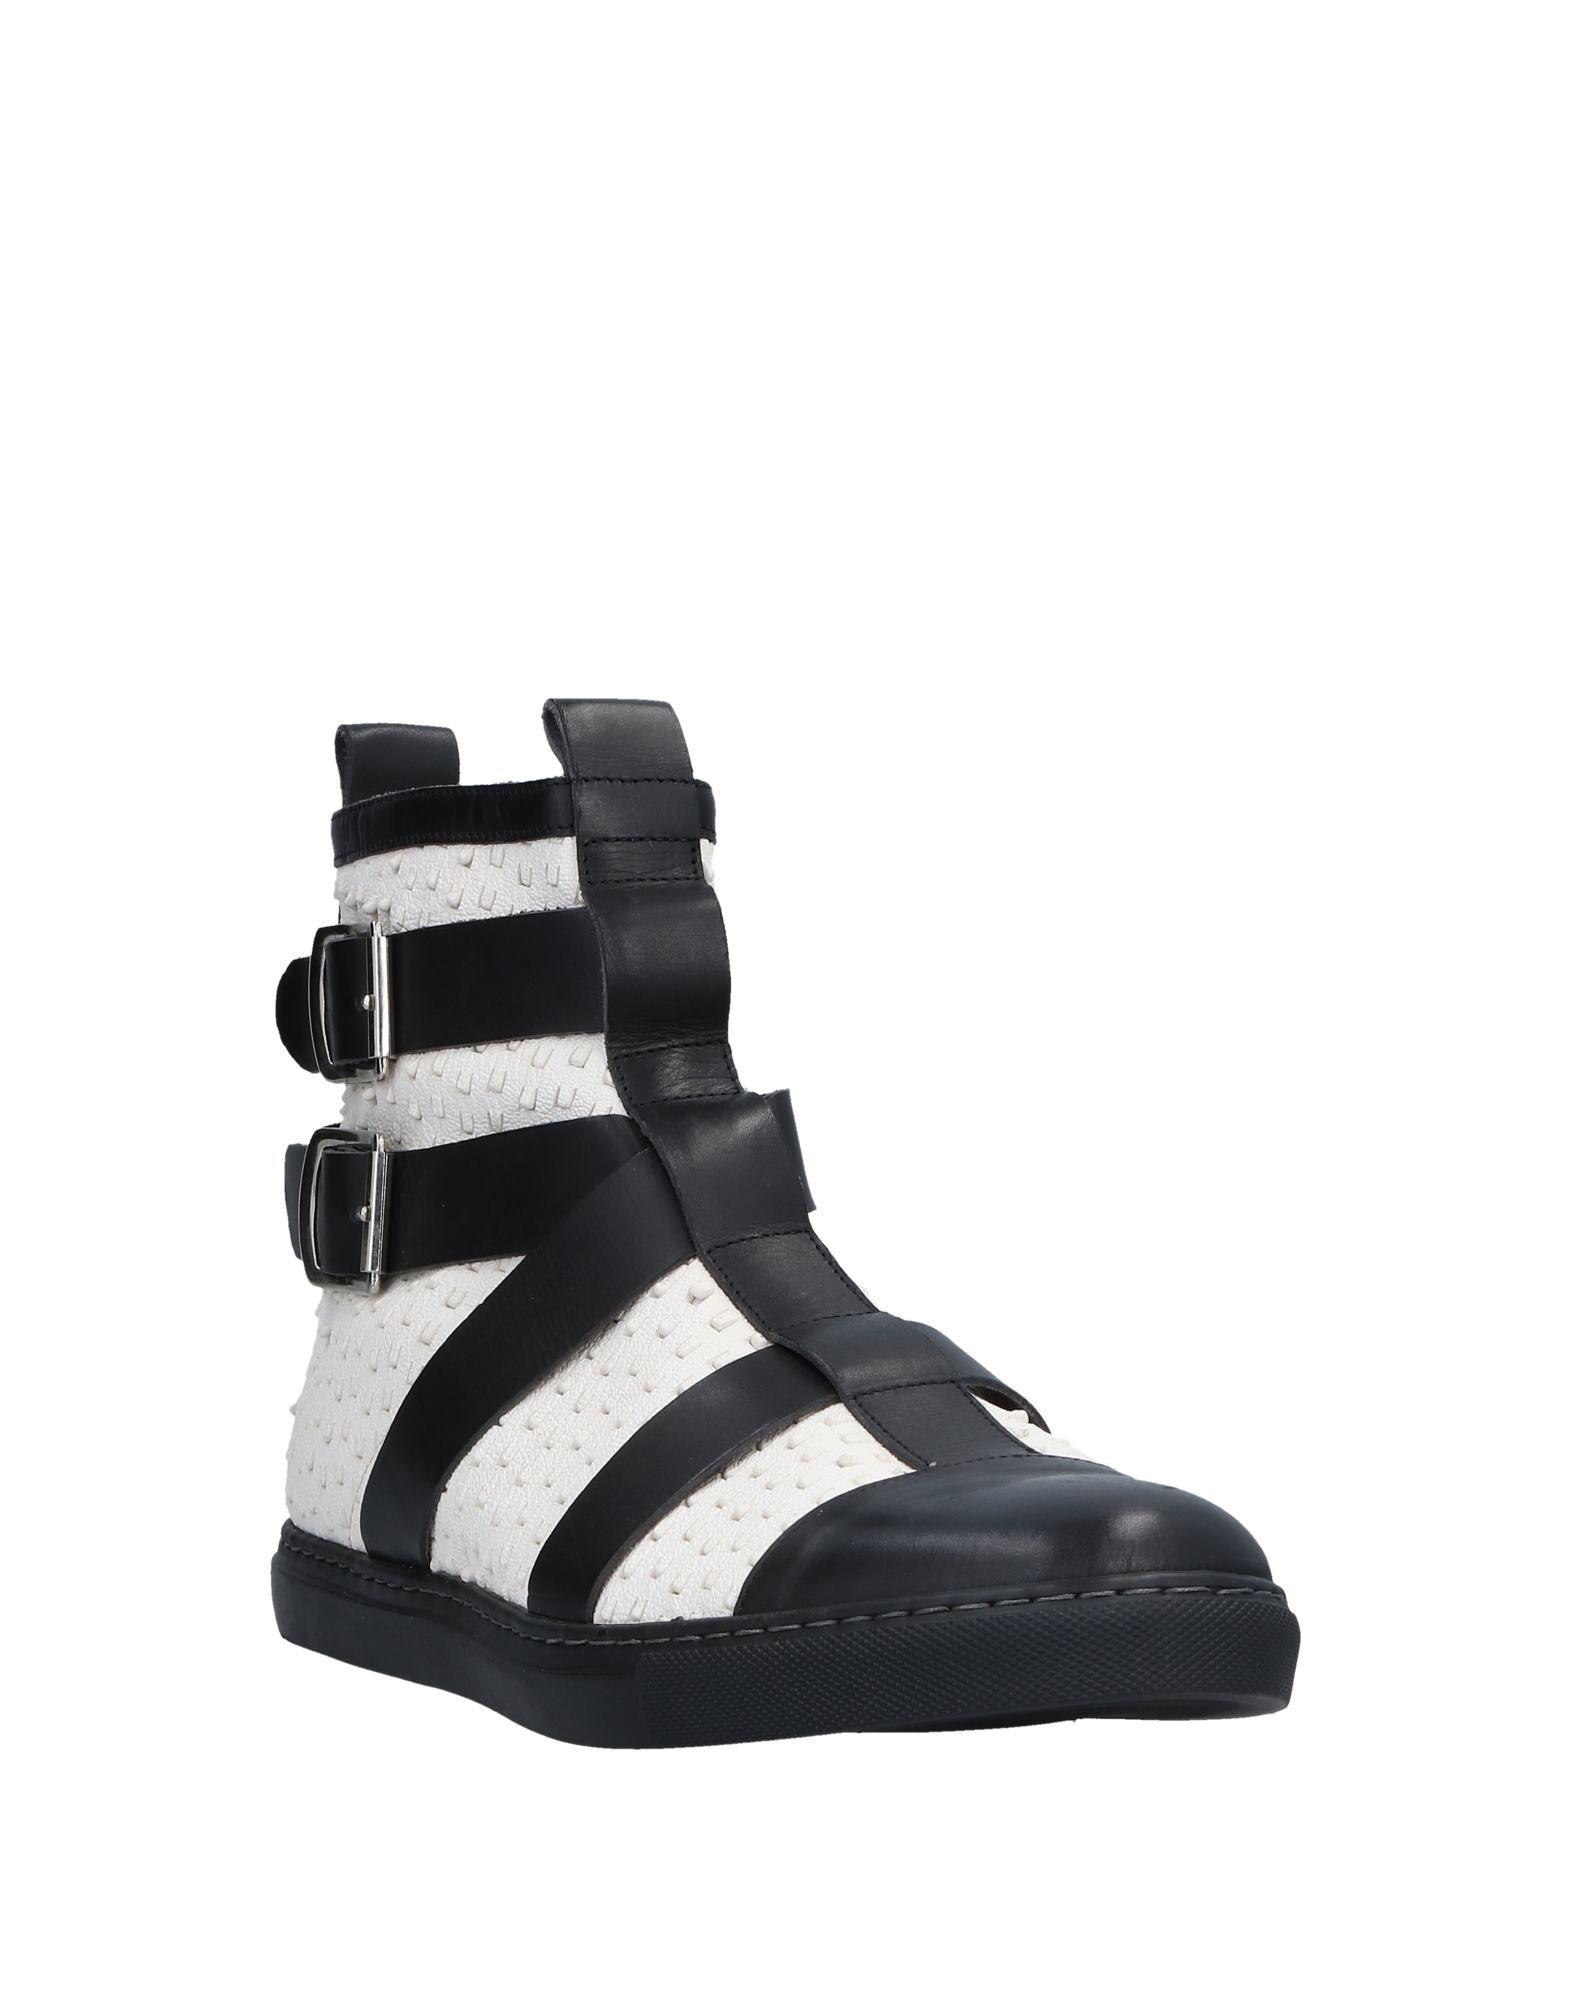 Vivienne Westwood Stiefelette Herren beliebte  11522542SI Gute Qualität beliebte Herren Schuhe 128fb8